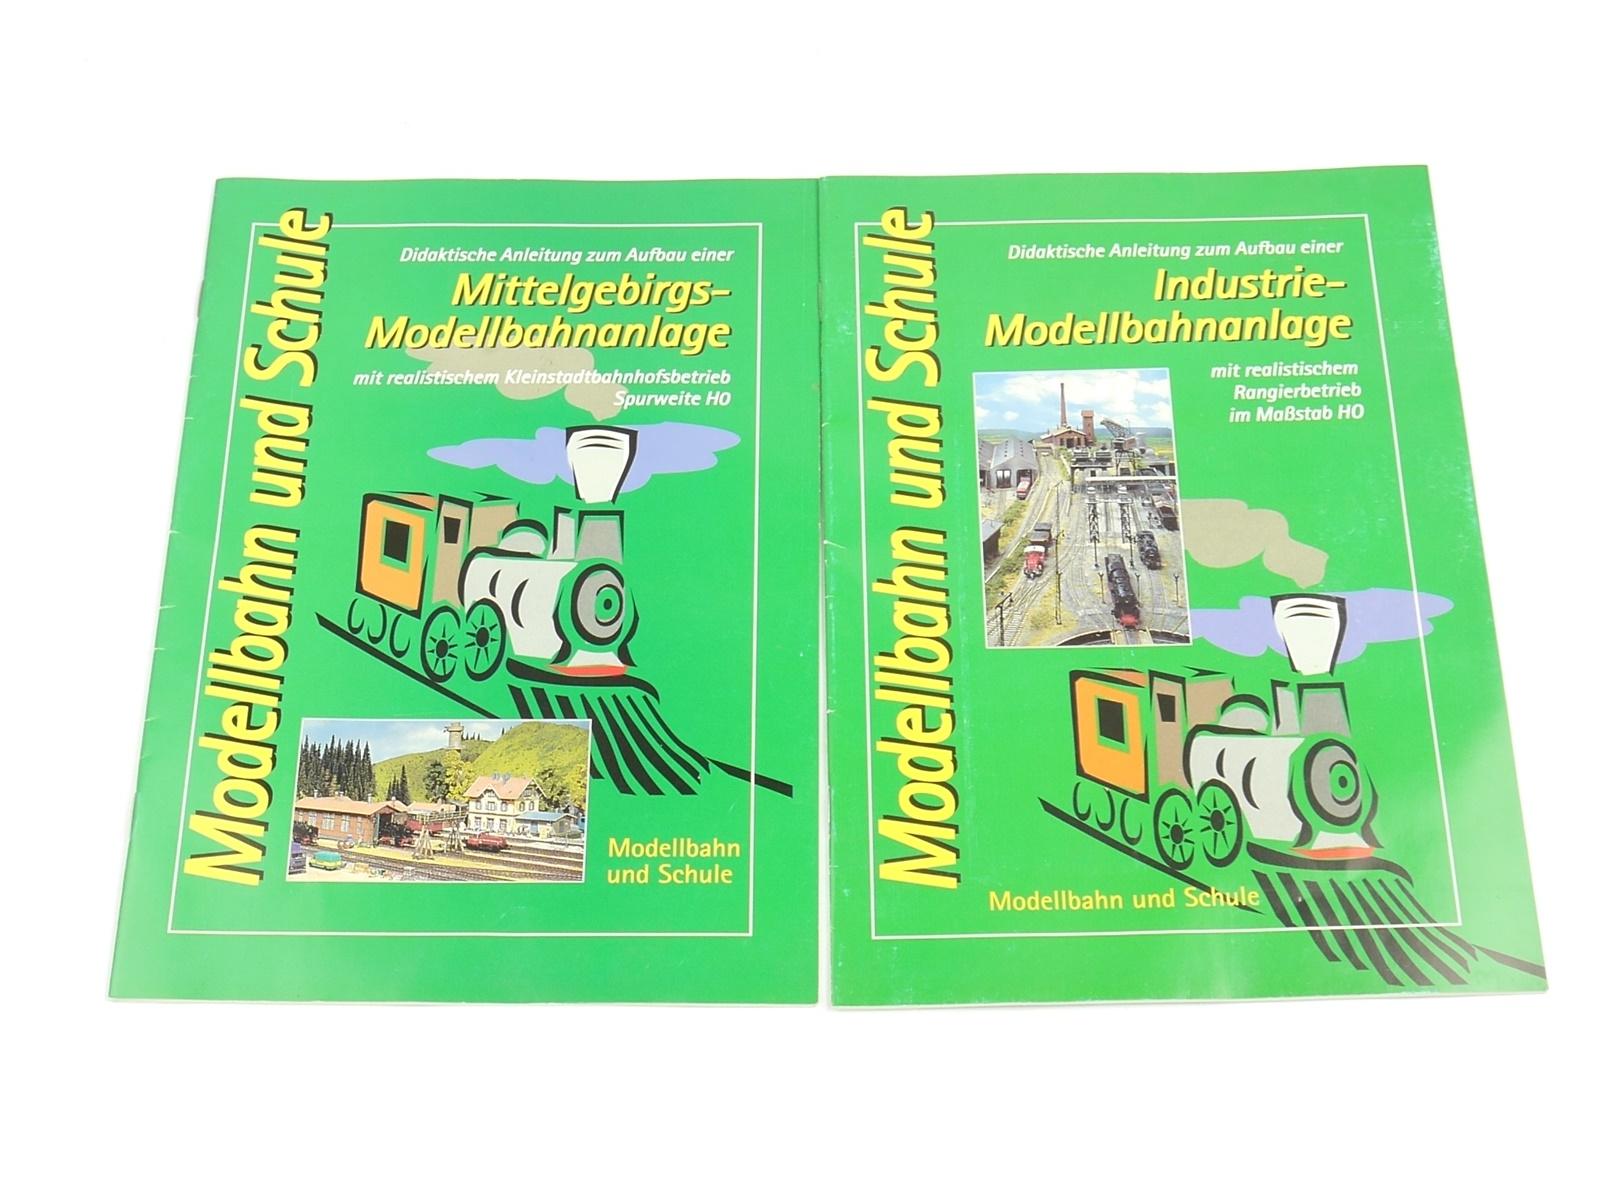 """E202 Modellbahn und Schule 2x Lehrbuch """"Didaktische Anleitung Modellbahnanlage"""